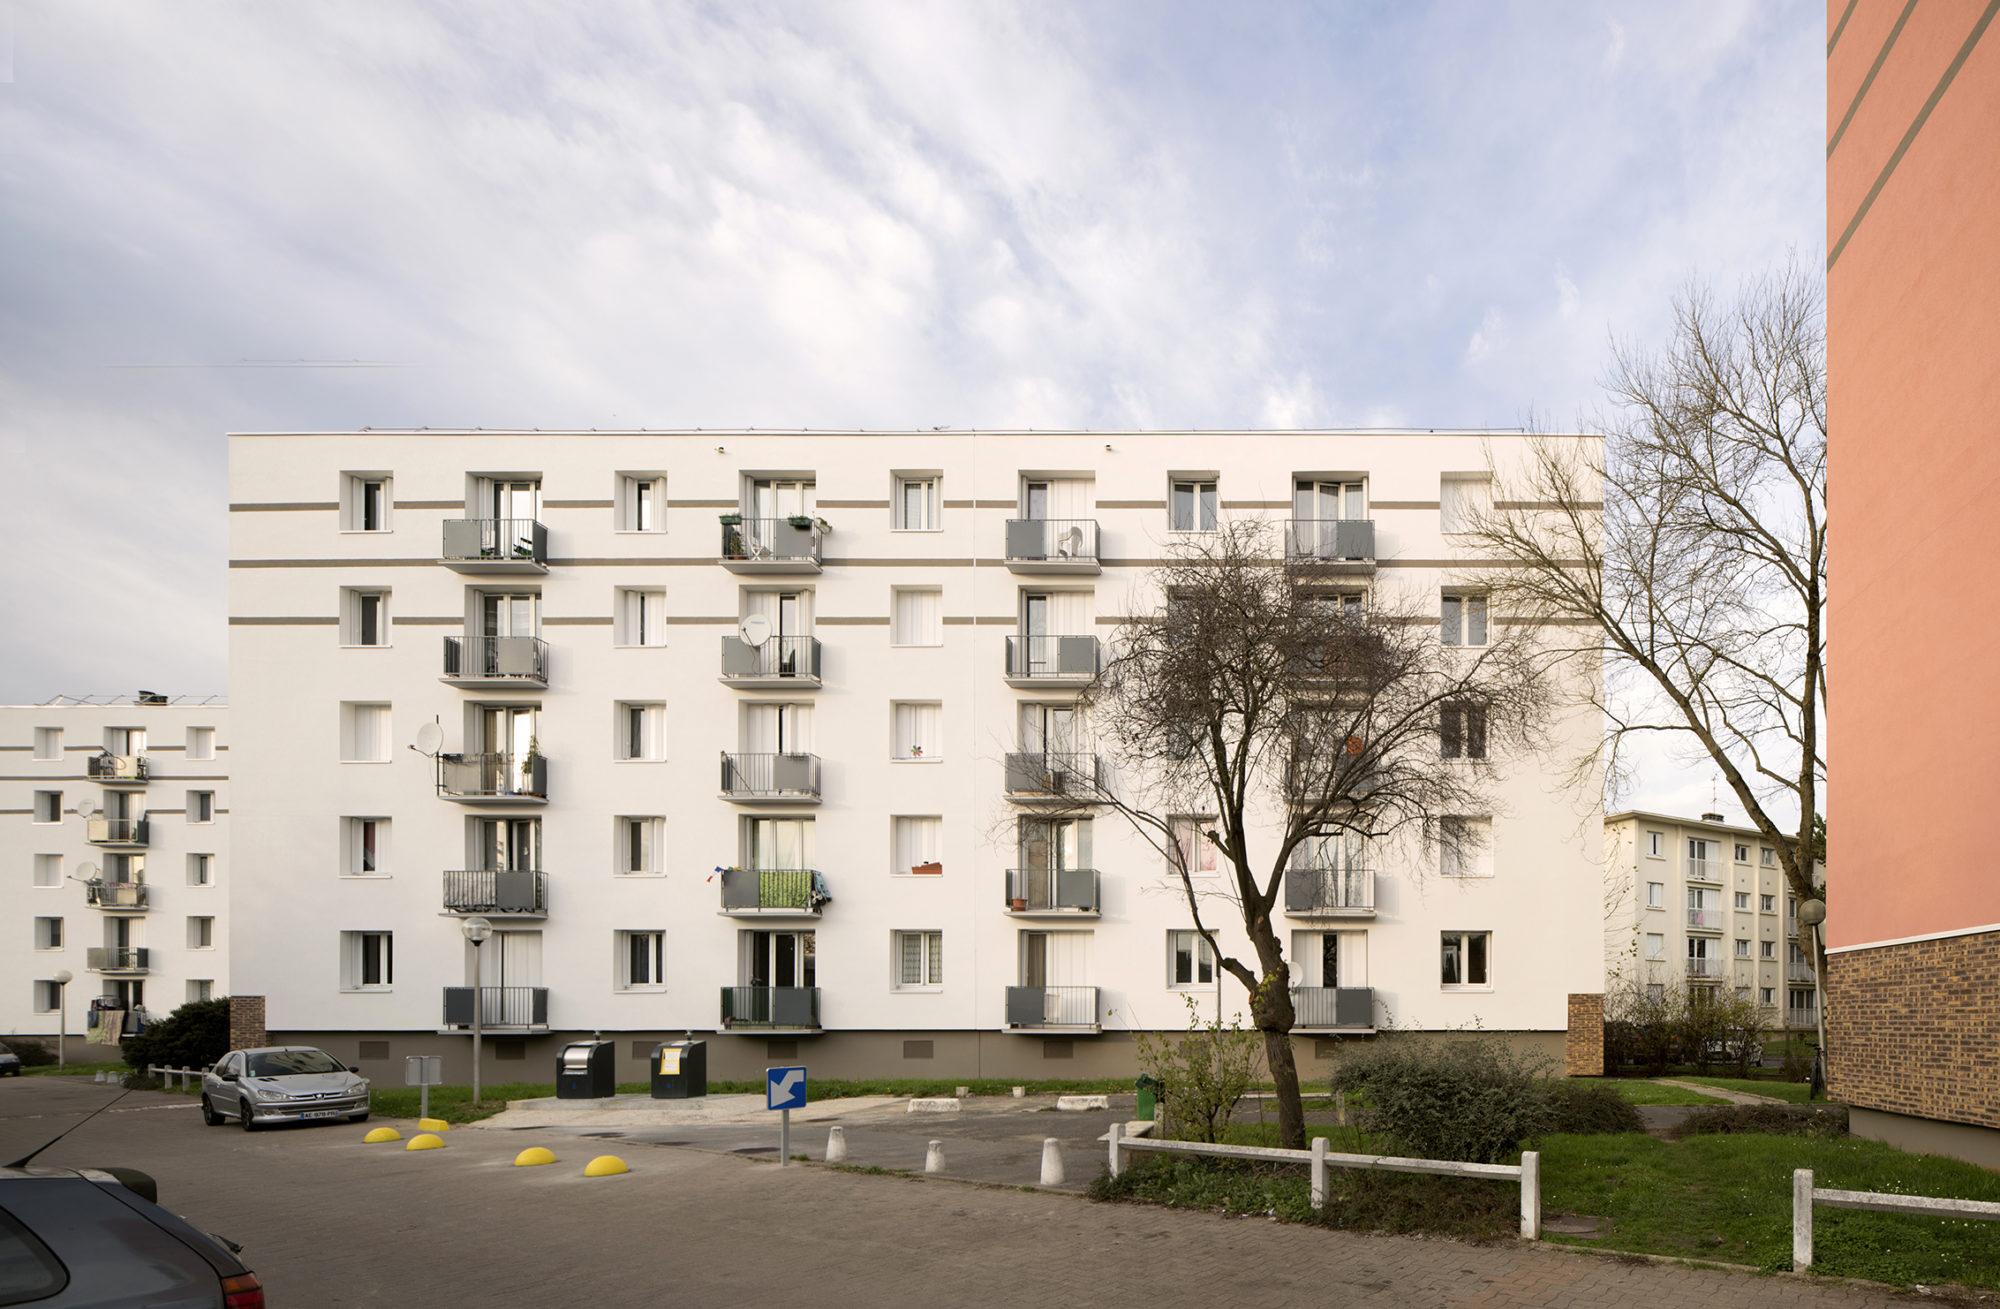 Sainte-Genevieve-15